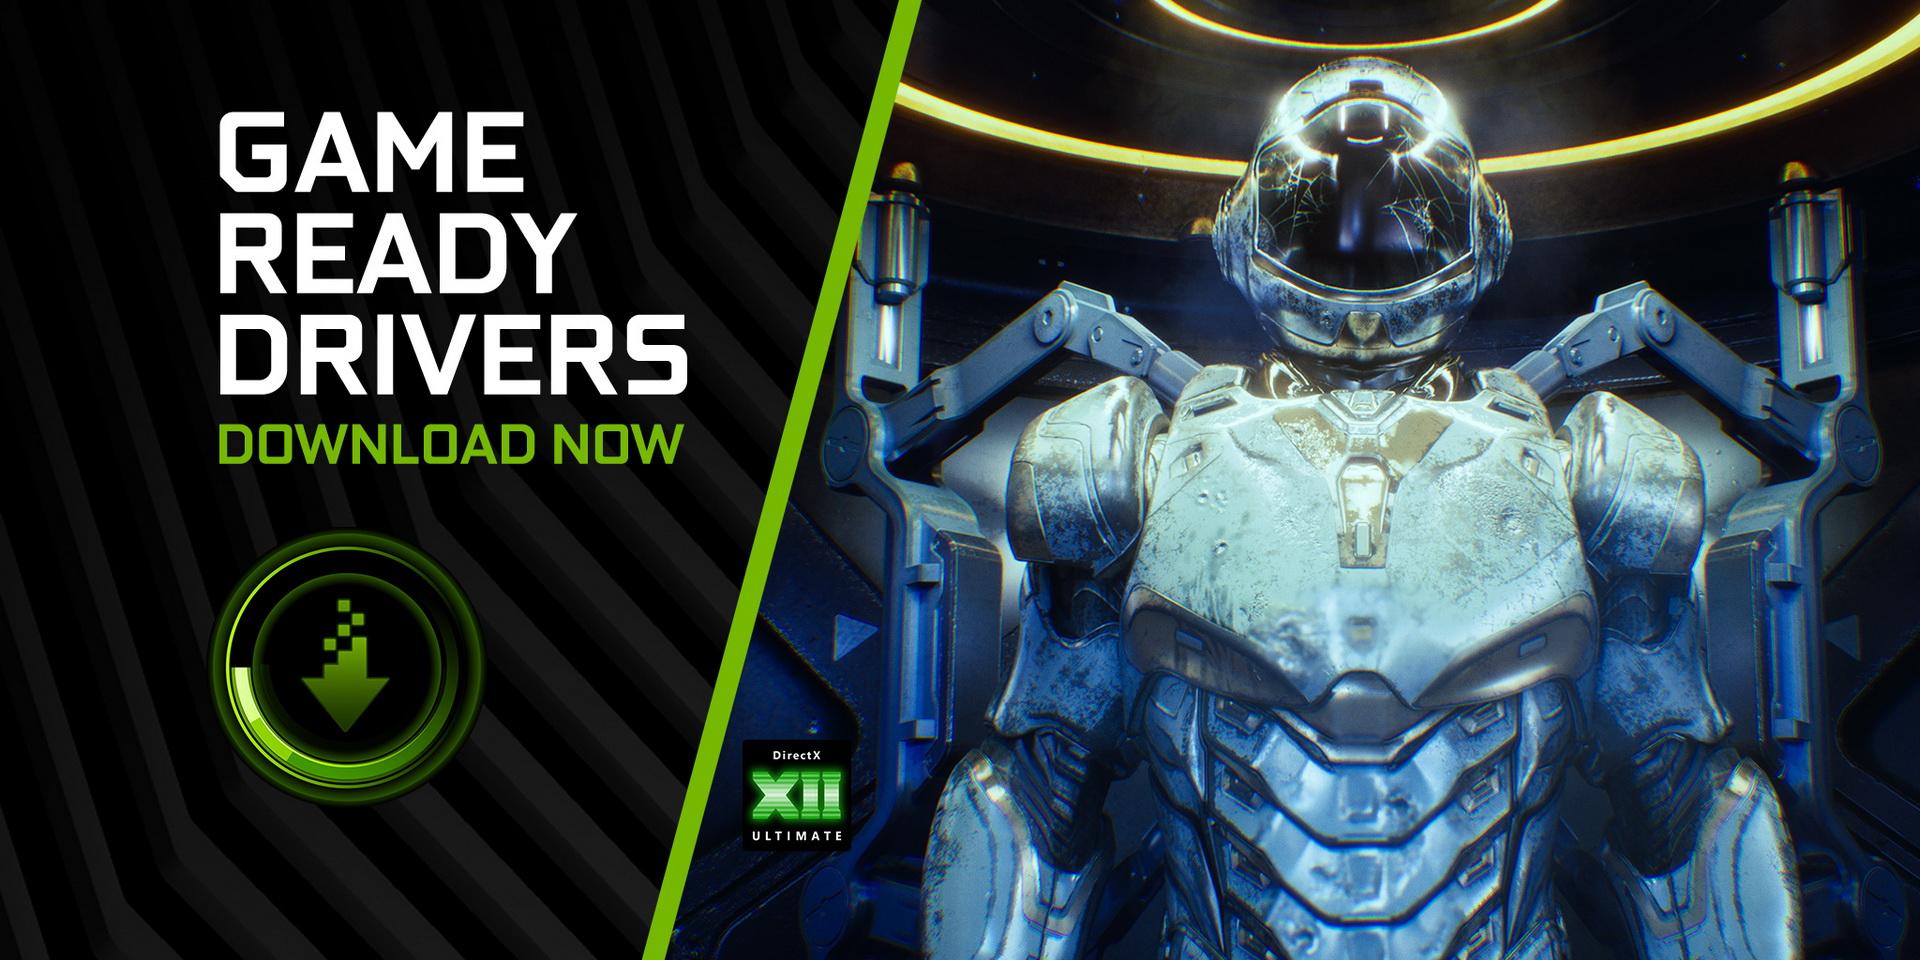 Ray Tracing dwa razy proszę! Karty graficzne NVIDIA już z faktycznym wsparciem dla DirectX 12 Ultimate 18